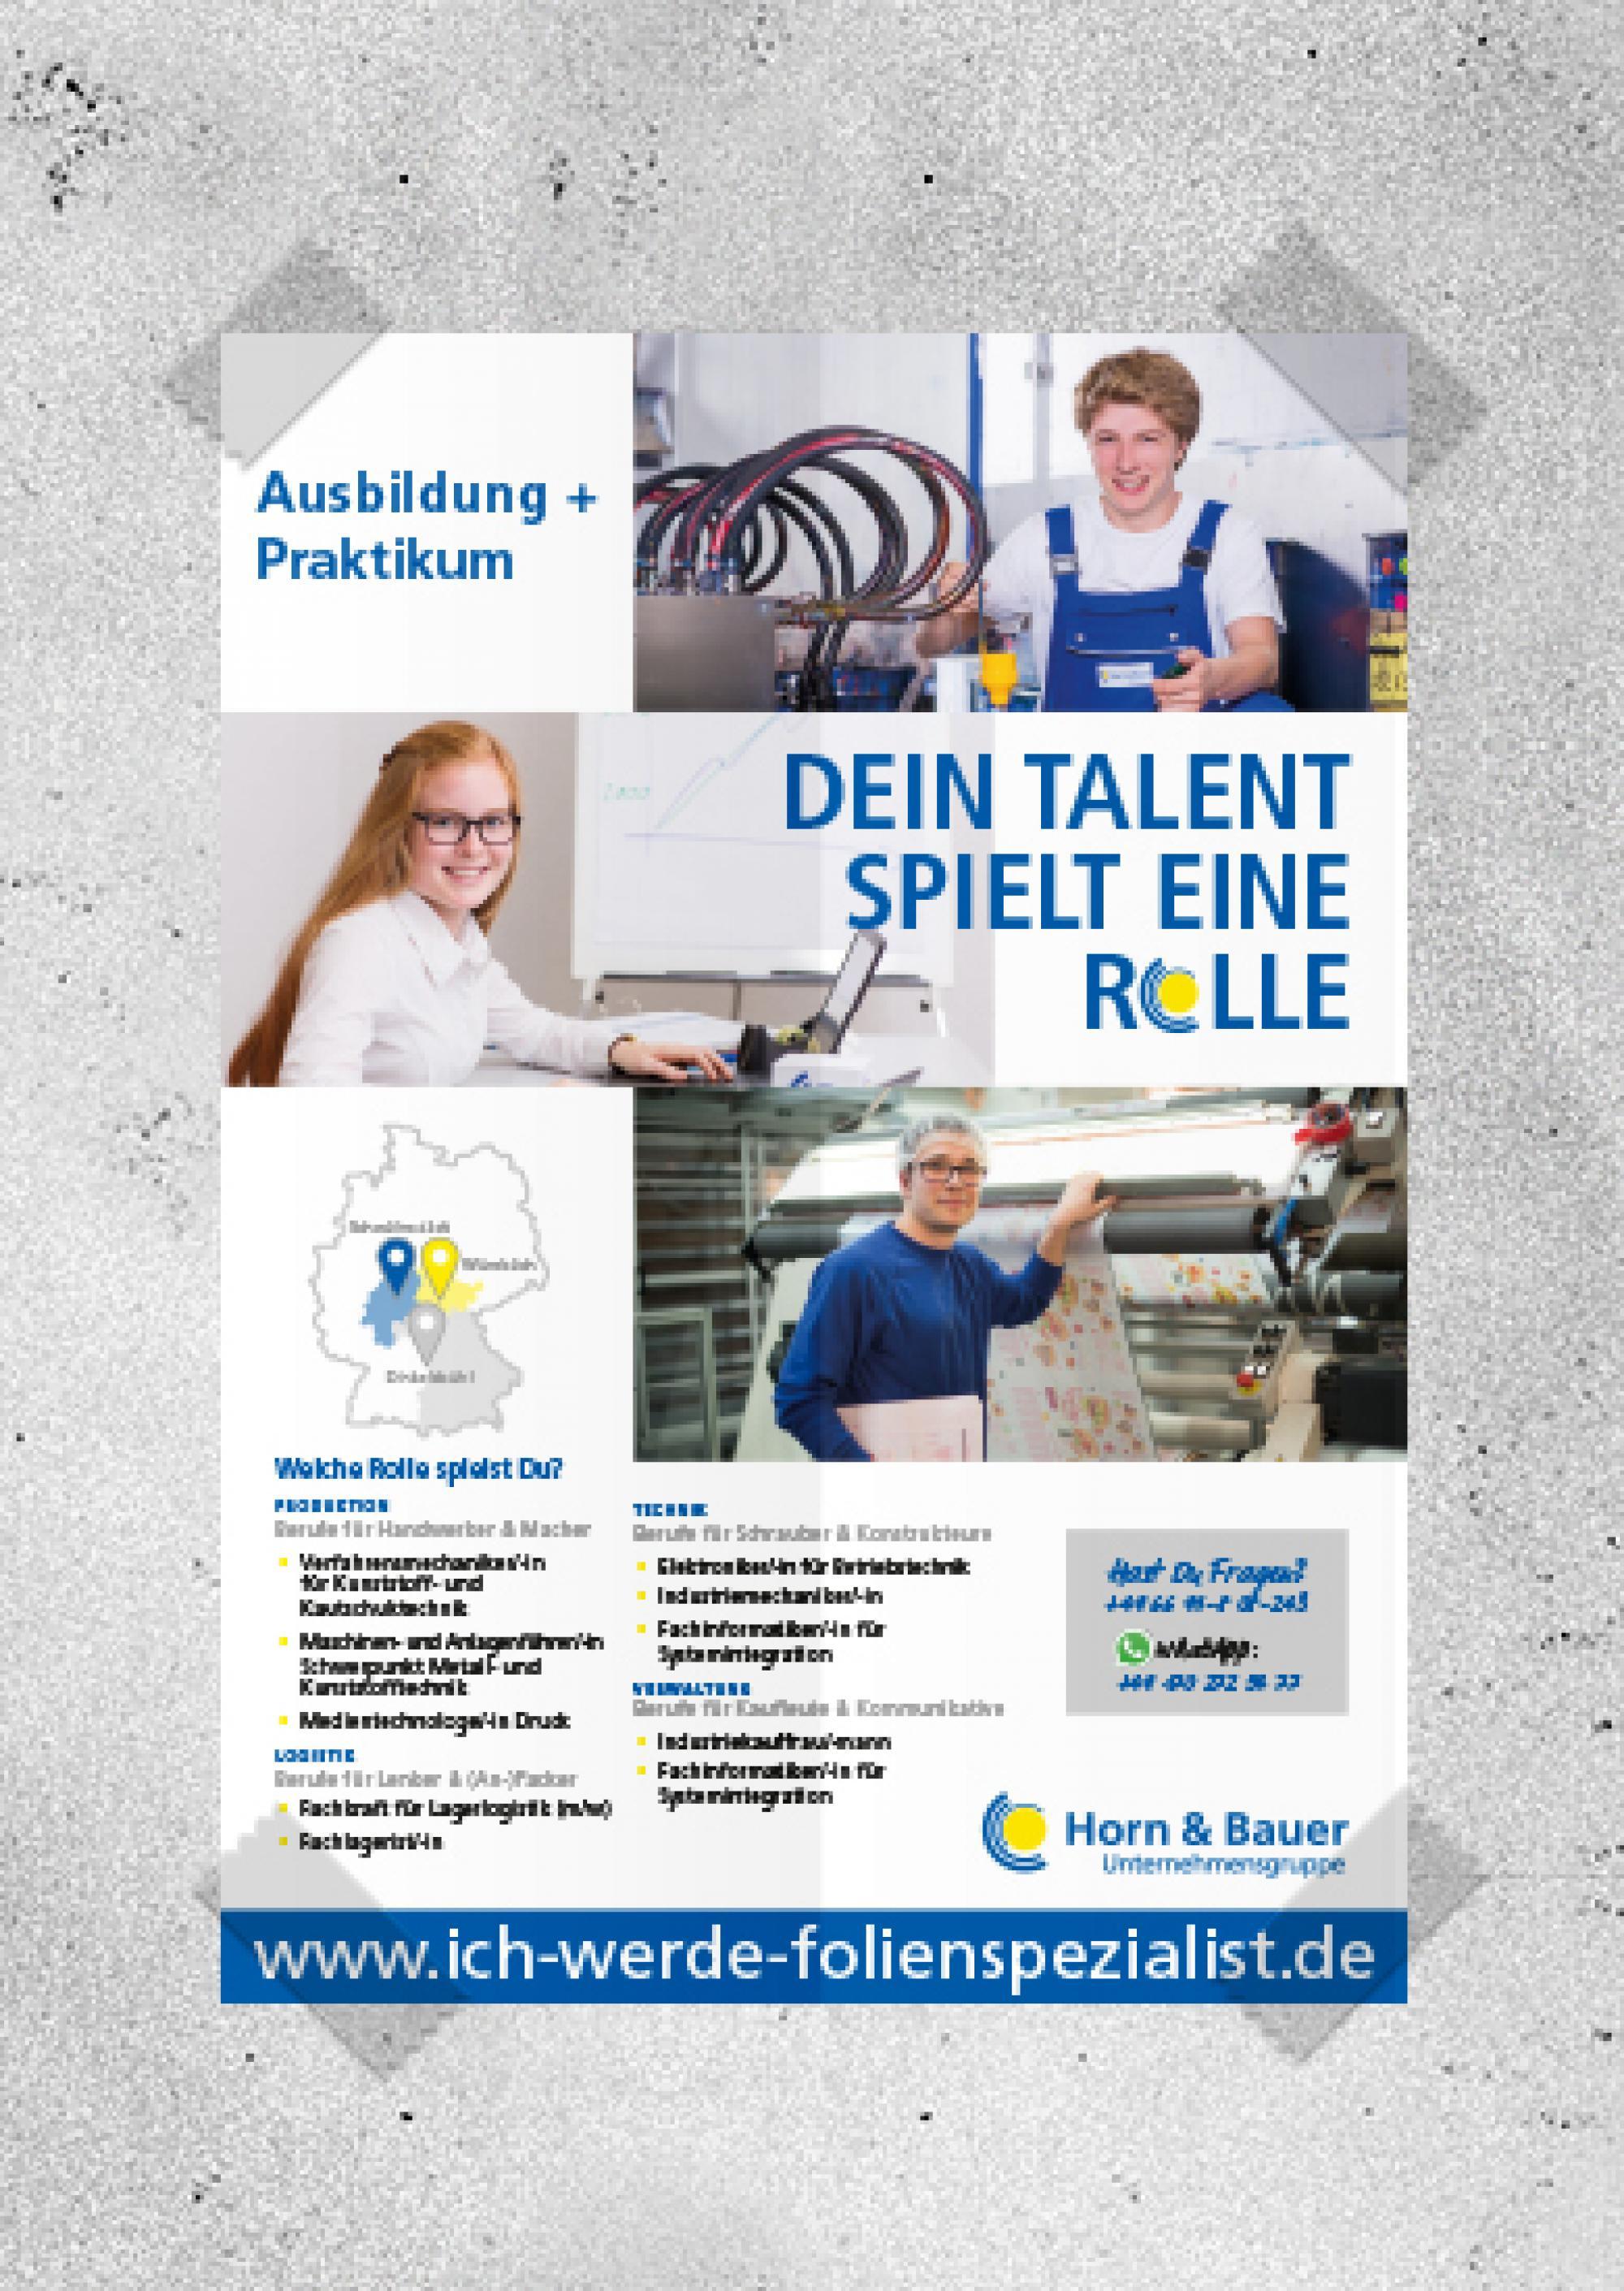 Webdesign-Printdesign-Ausbildungssuche-CorporateDesign-Horn-Bauer-Ausbildung_Plakat_A3